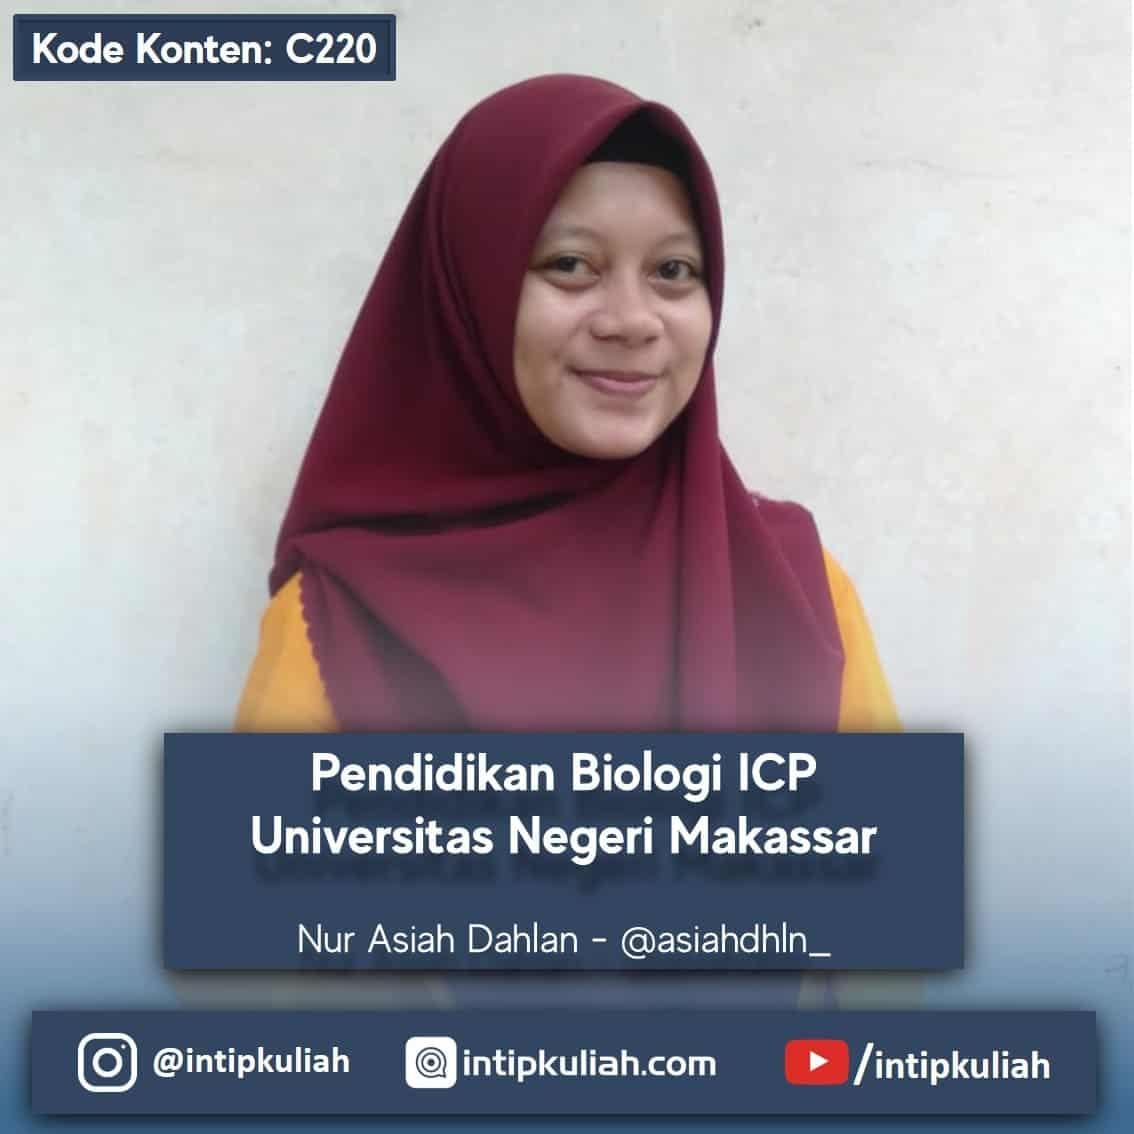 Pendidikan Biologi ICP Universitas Negeri Makassar (Asiah)